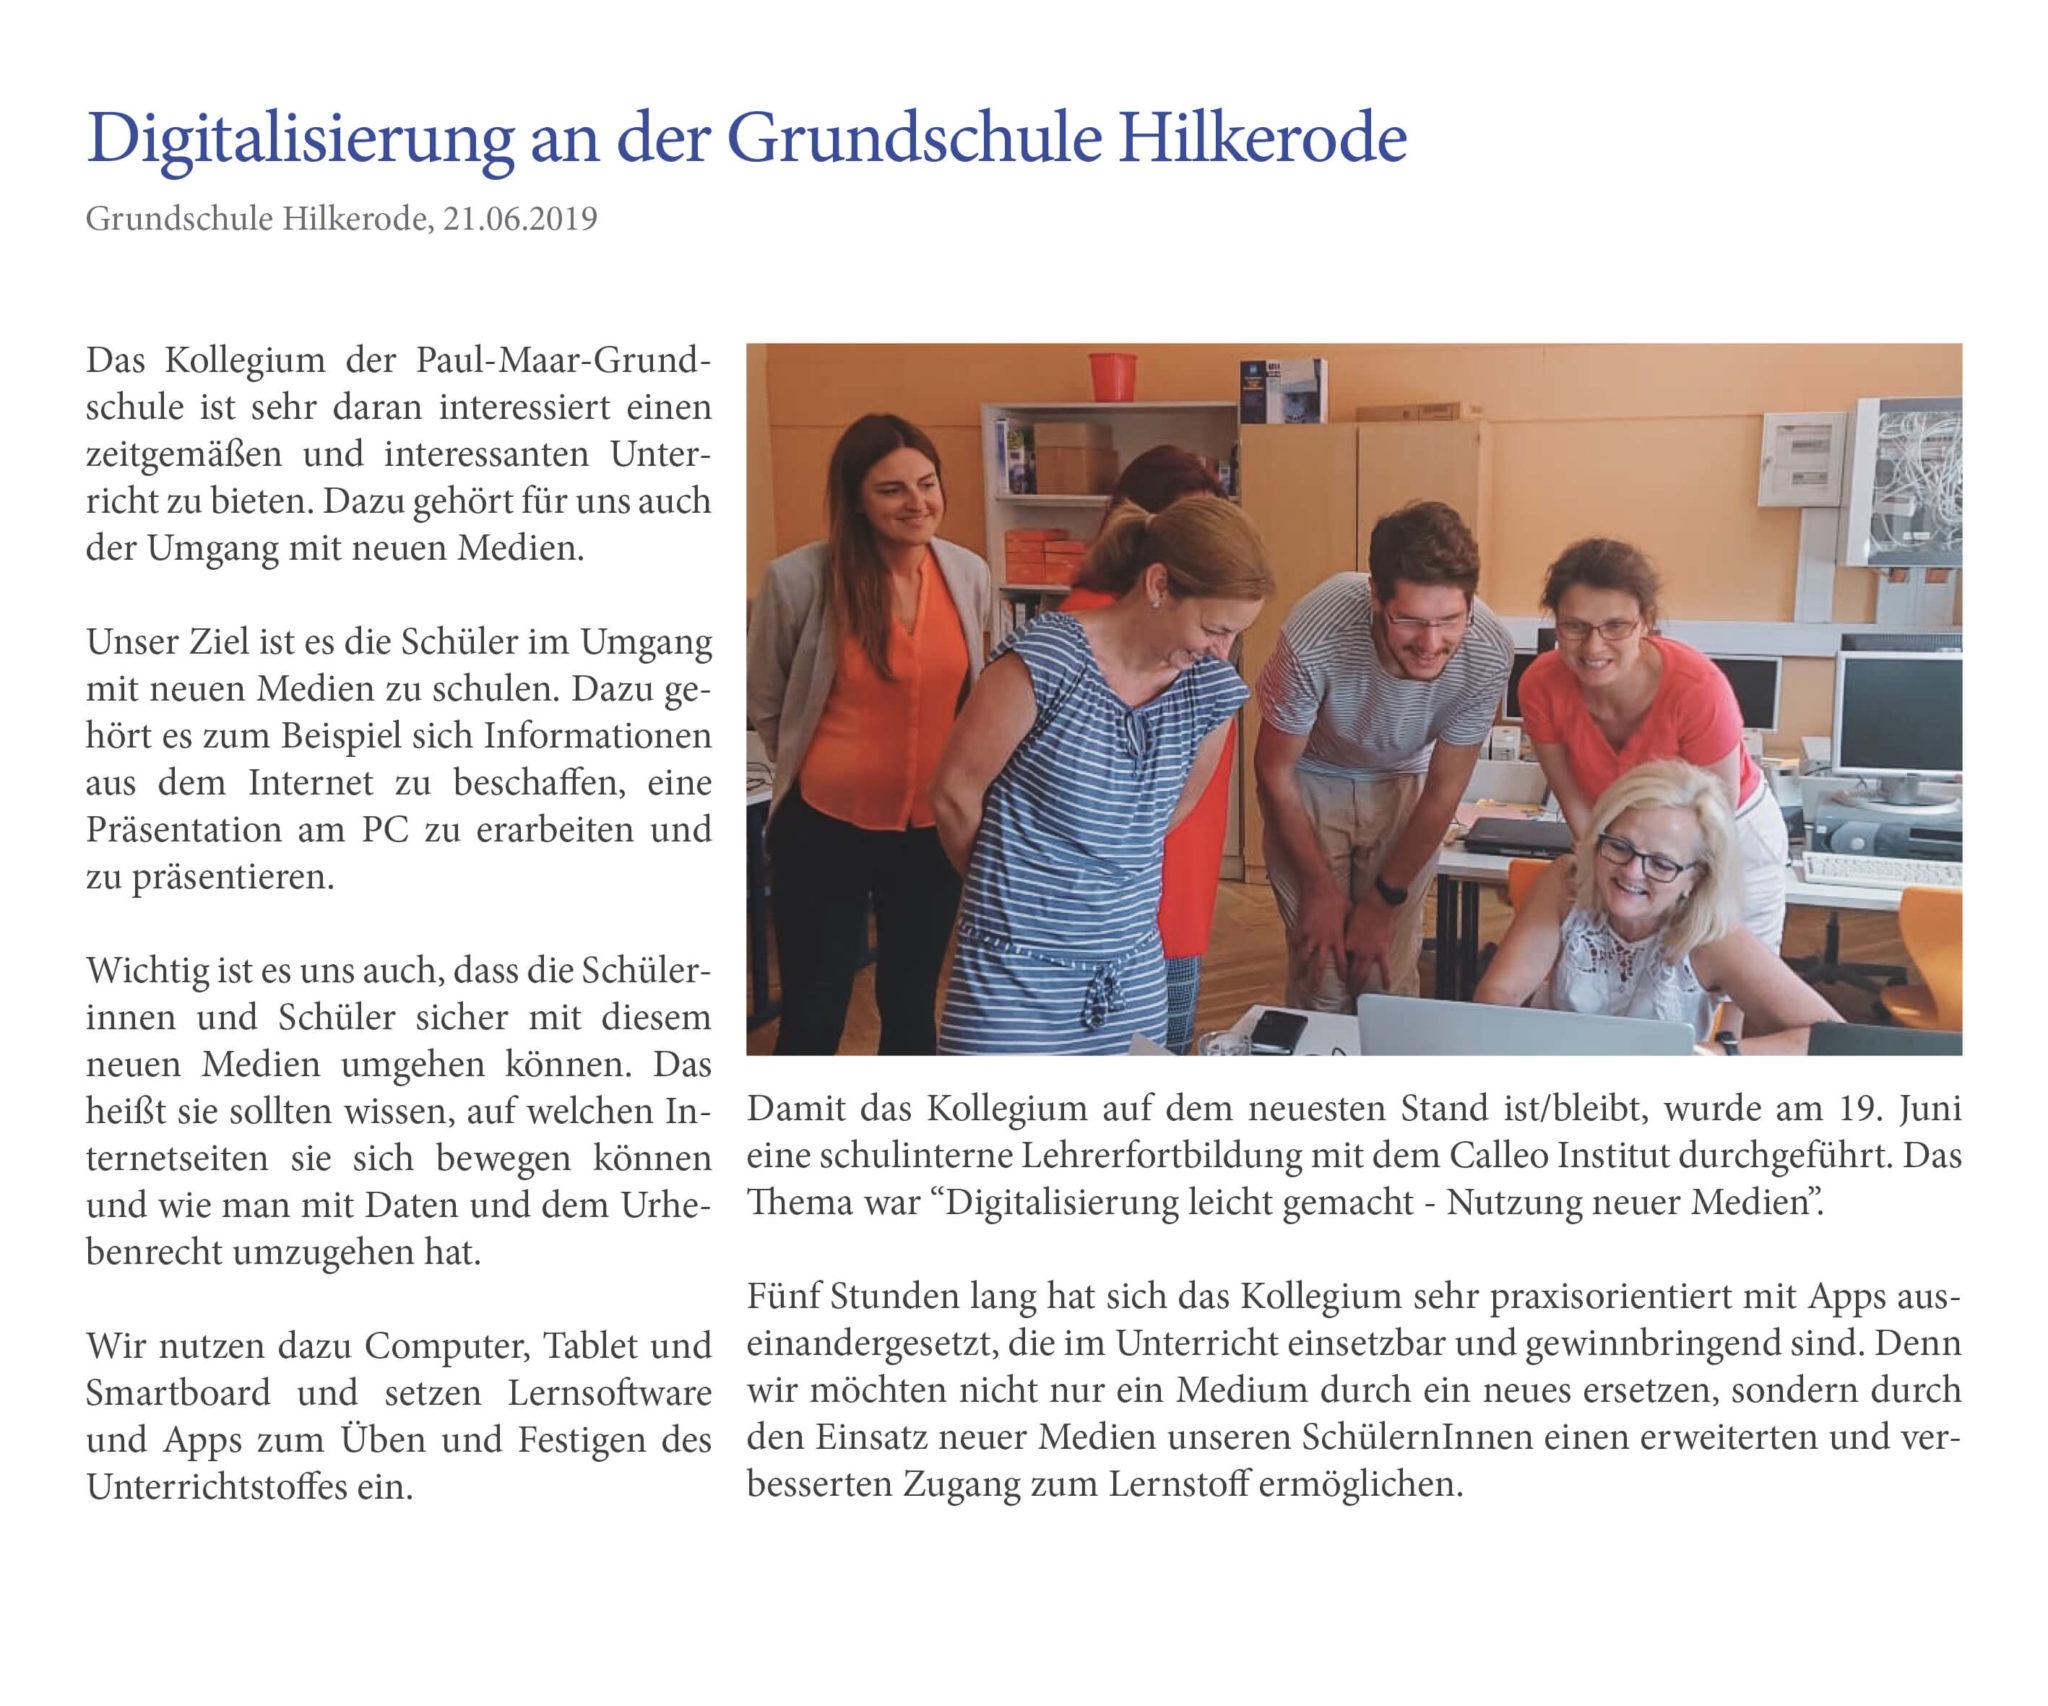 Hilkerode_Erfolgsgeschichte-1-2048x1706